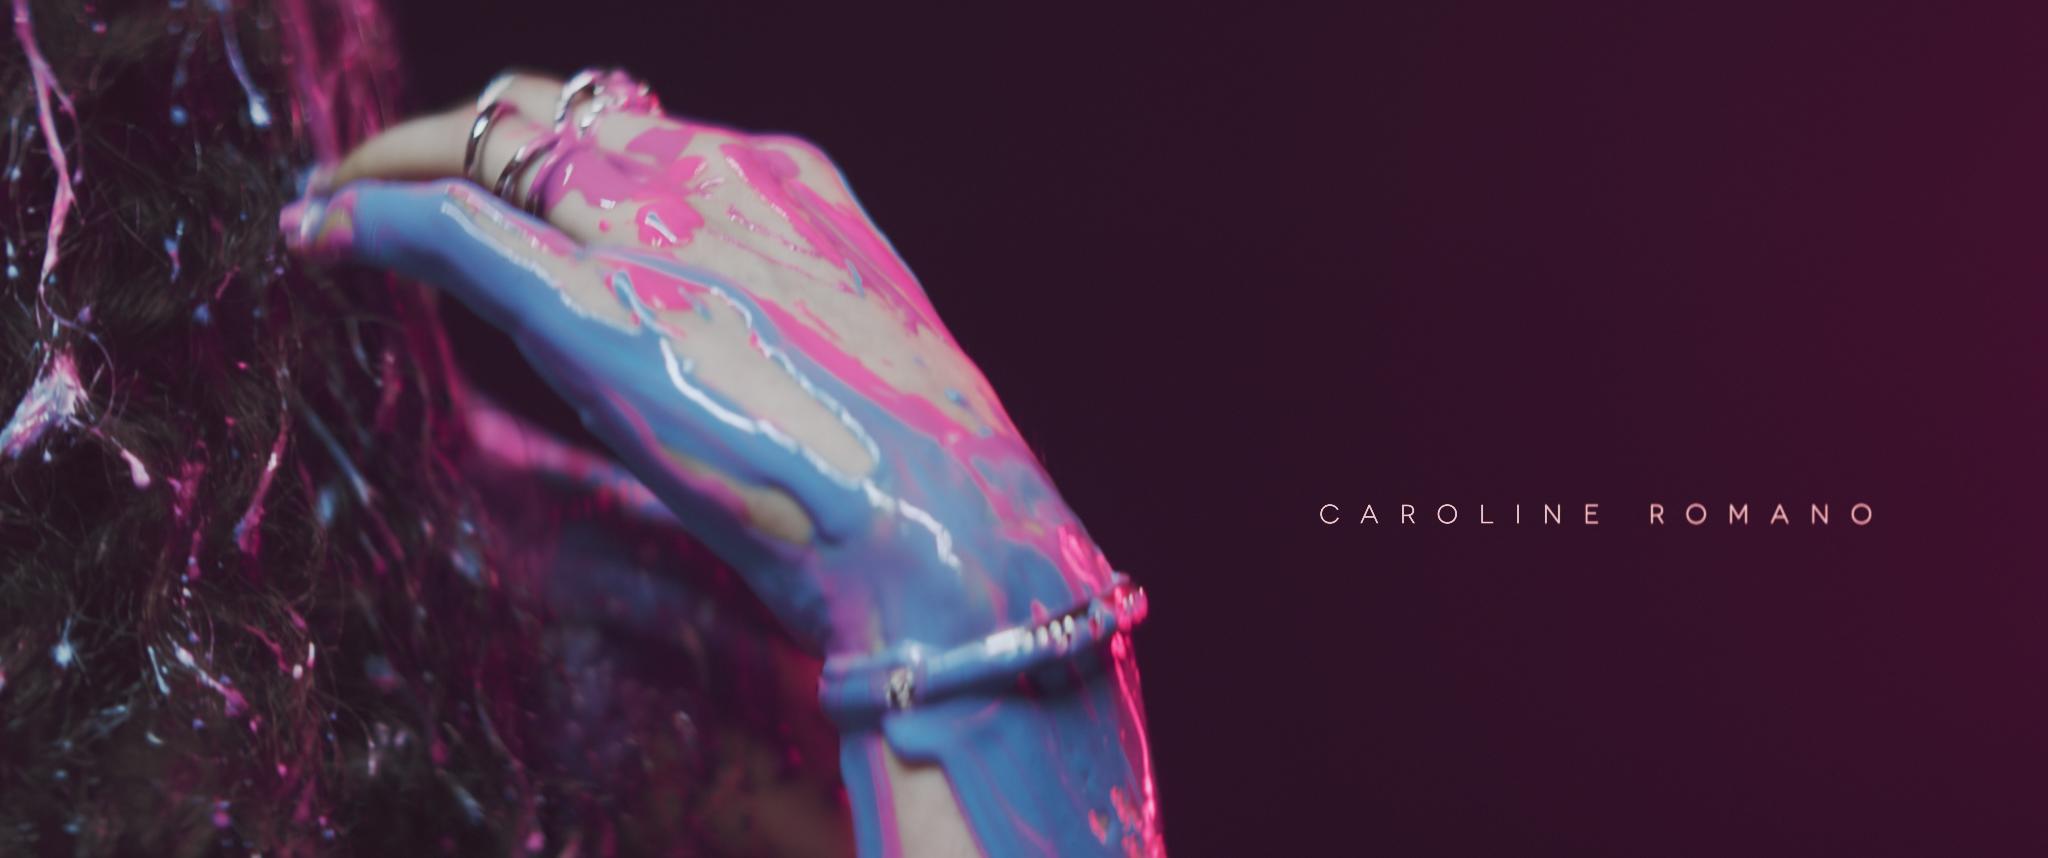 Caroline Romano- intro - Caroline.jpg